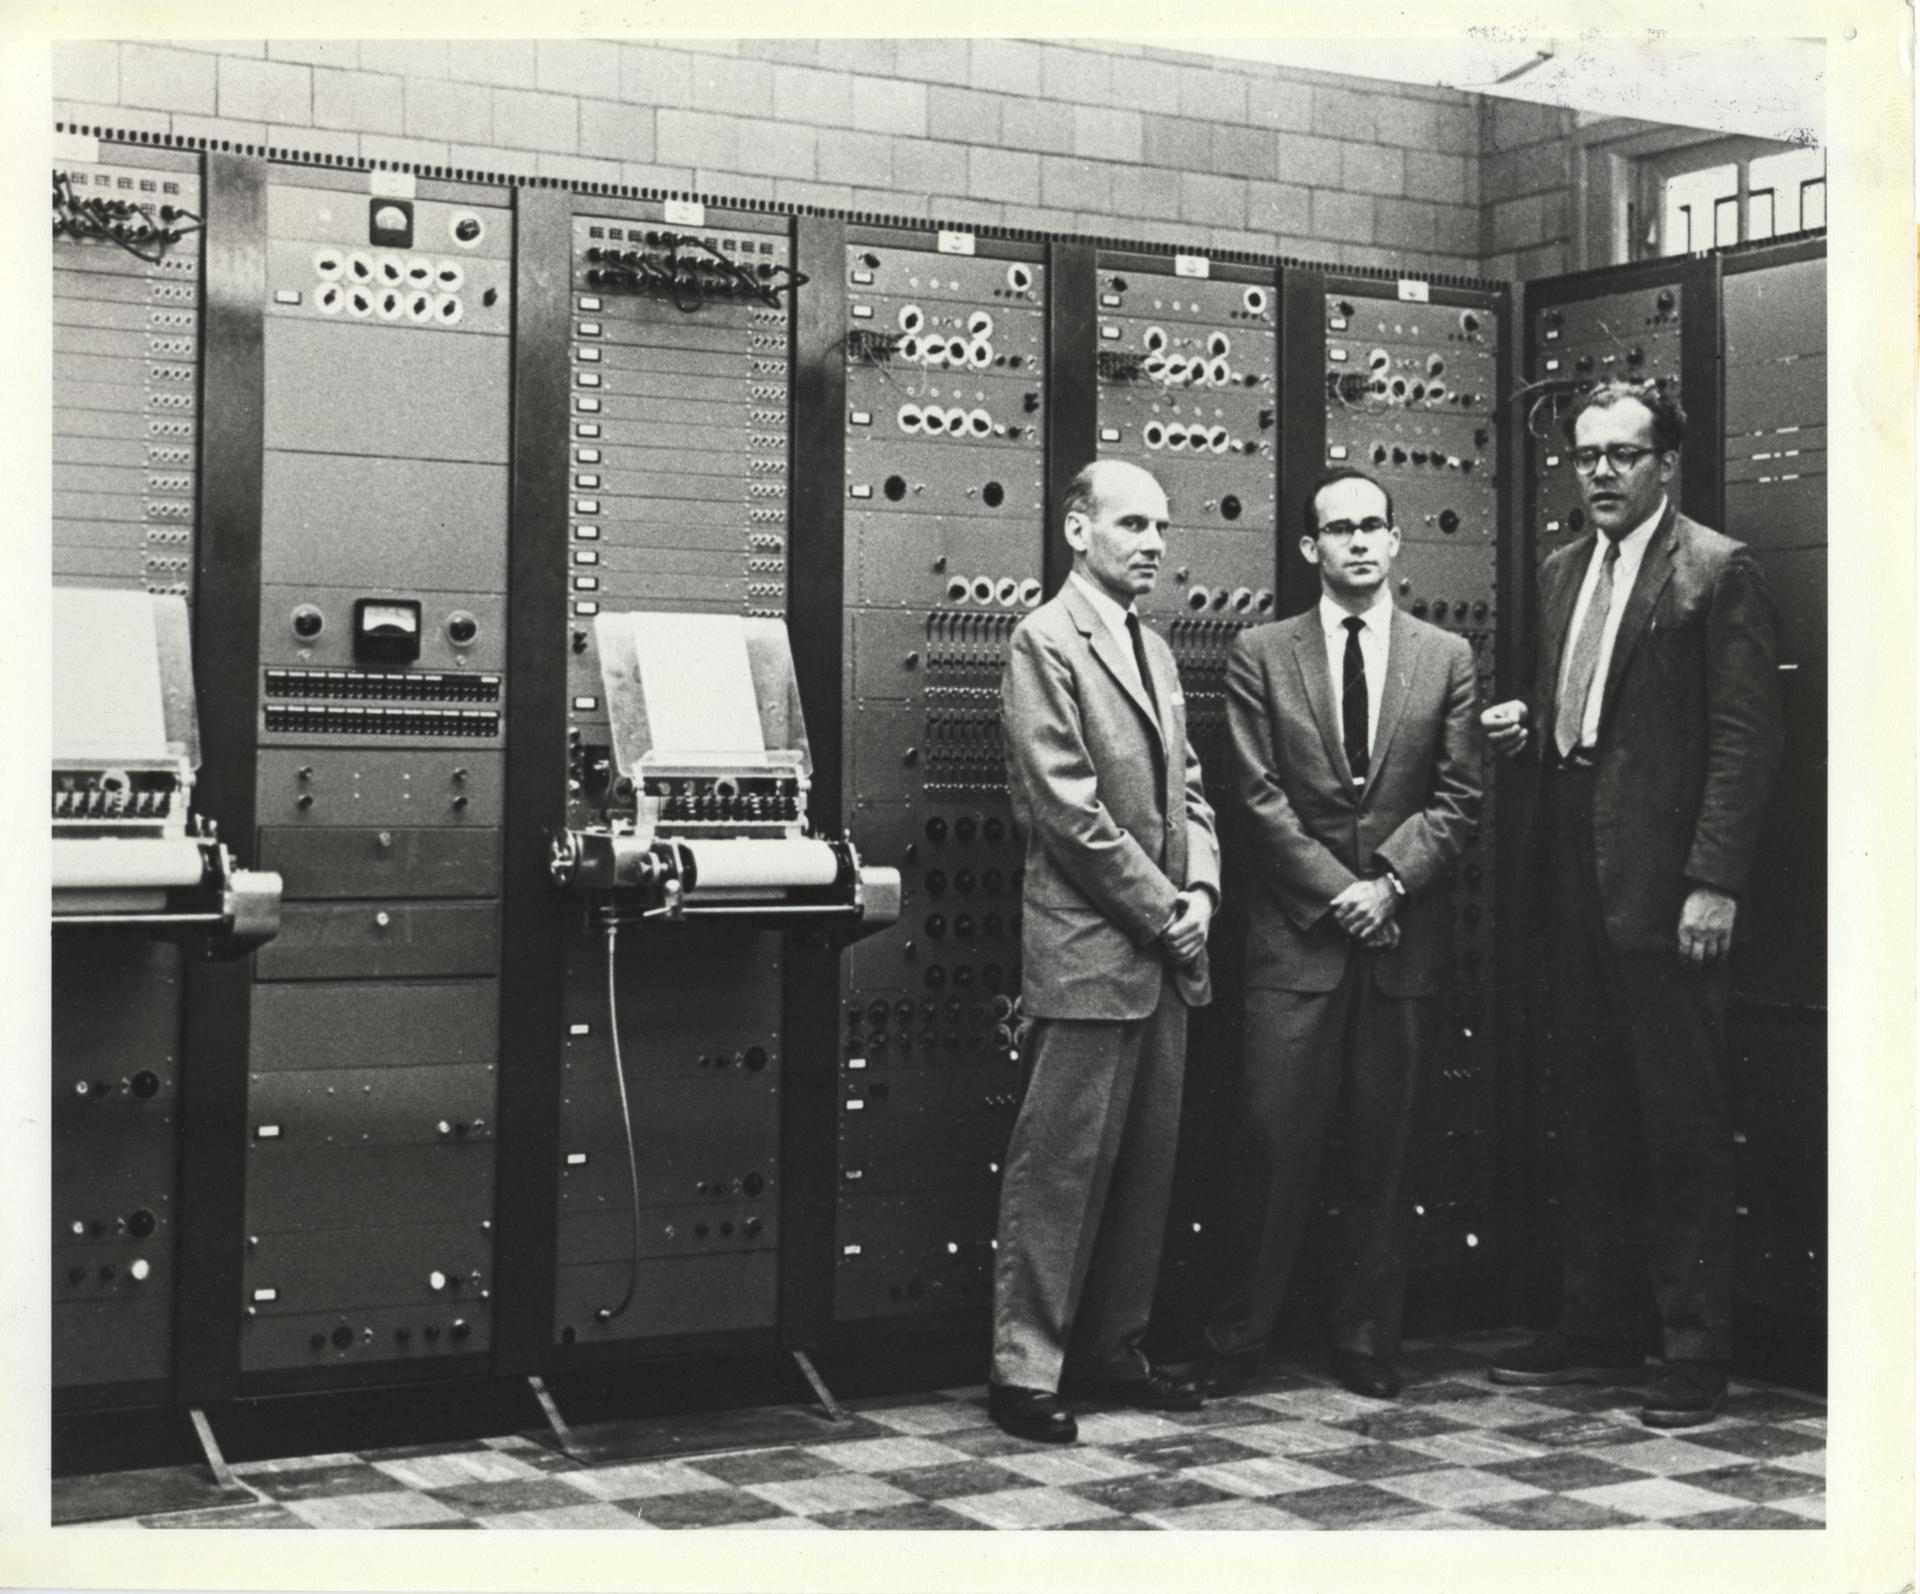 Тернистый путь эволюции синтезаторов: монстры 50-х, «Вояджер» Моога, цифровая революция от Чоунинга и Курцвейла - 8